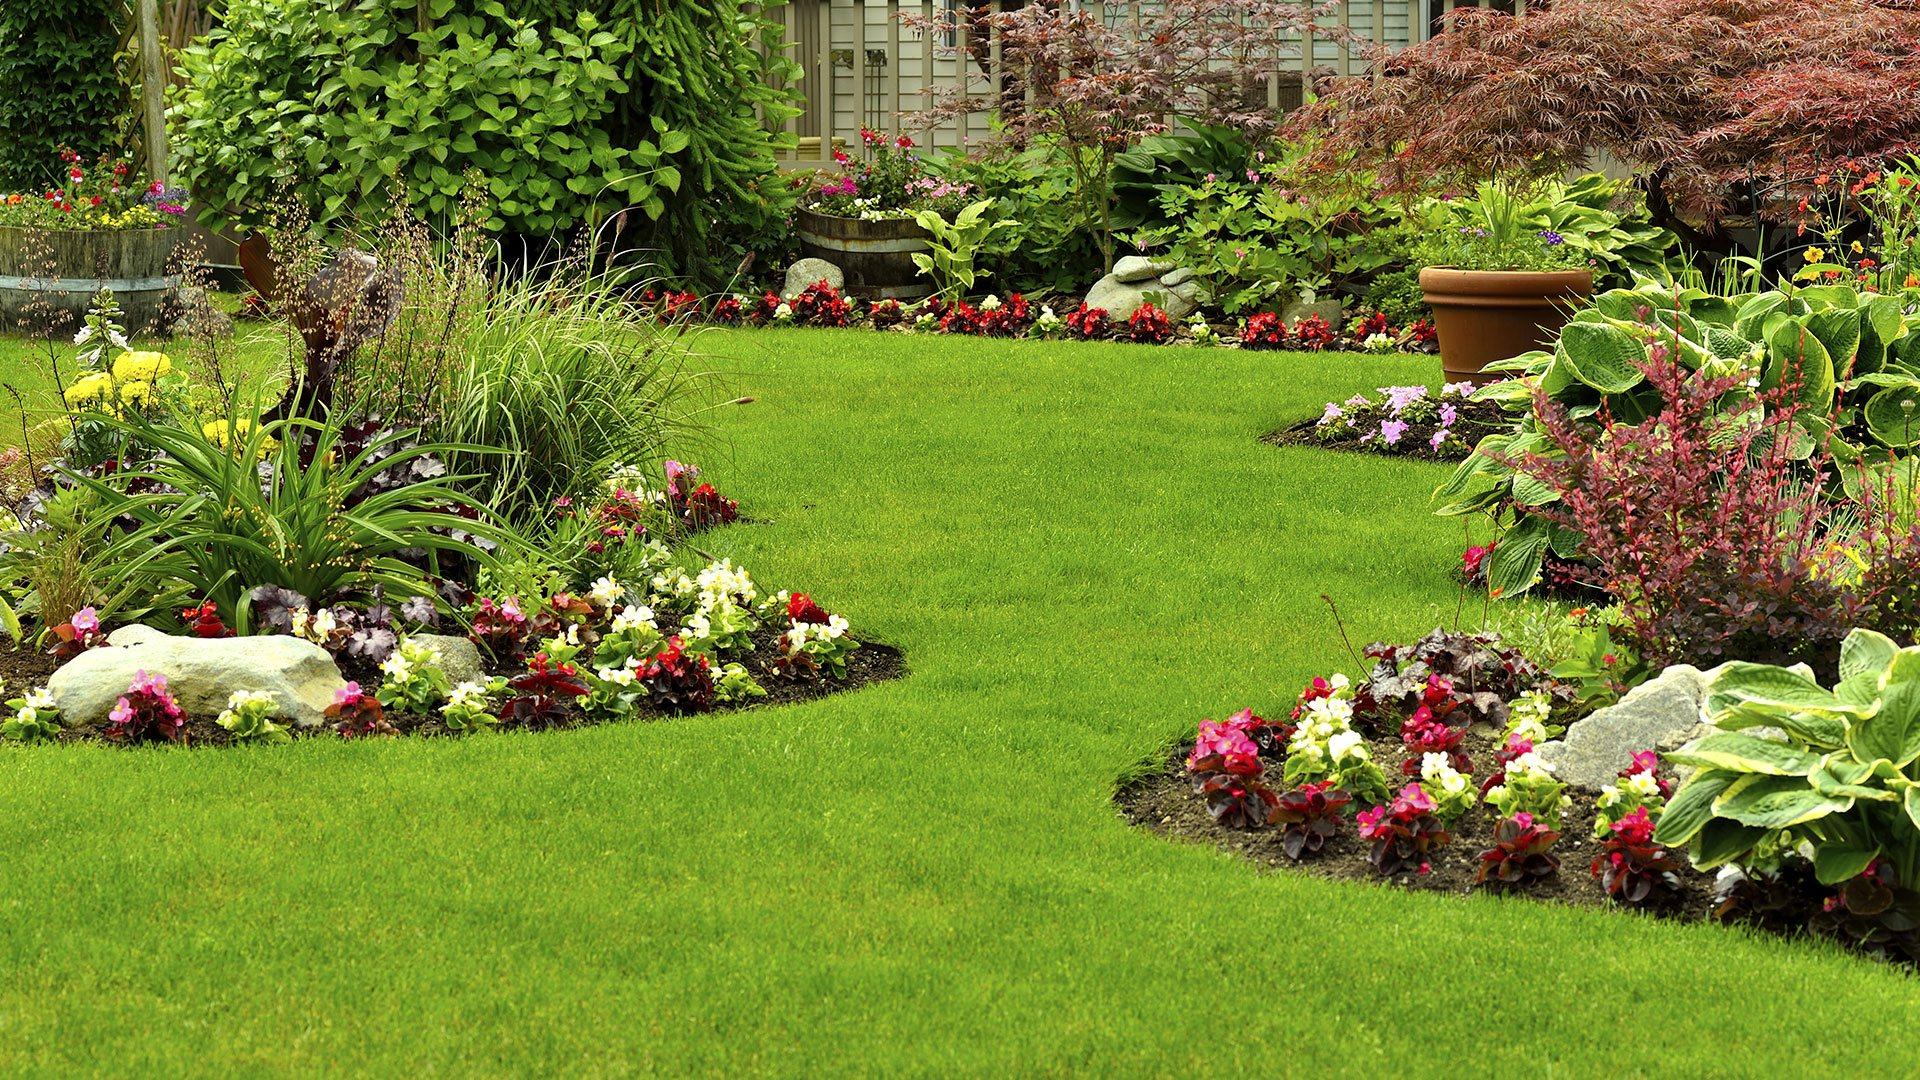 Lawn Maintenance And Landscape Design